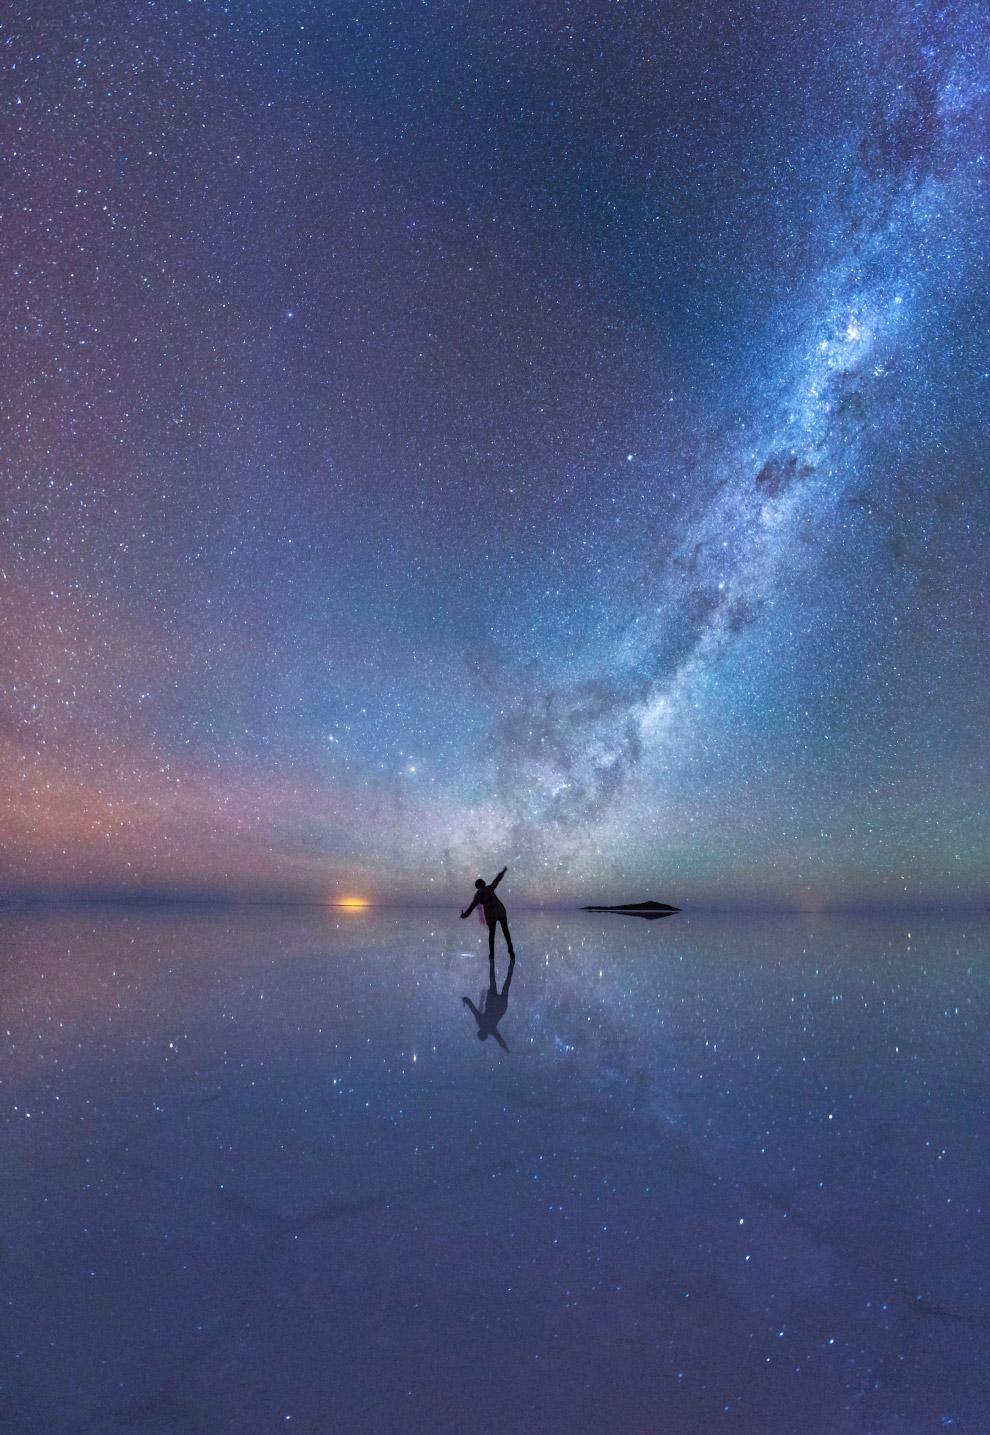 Звездное небо над солончаком Уюни, в Боливии